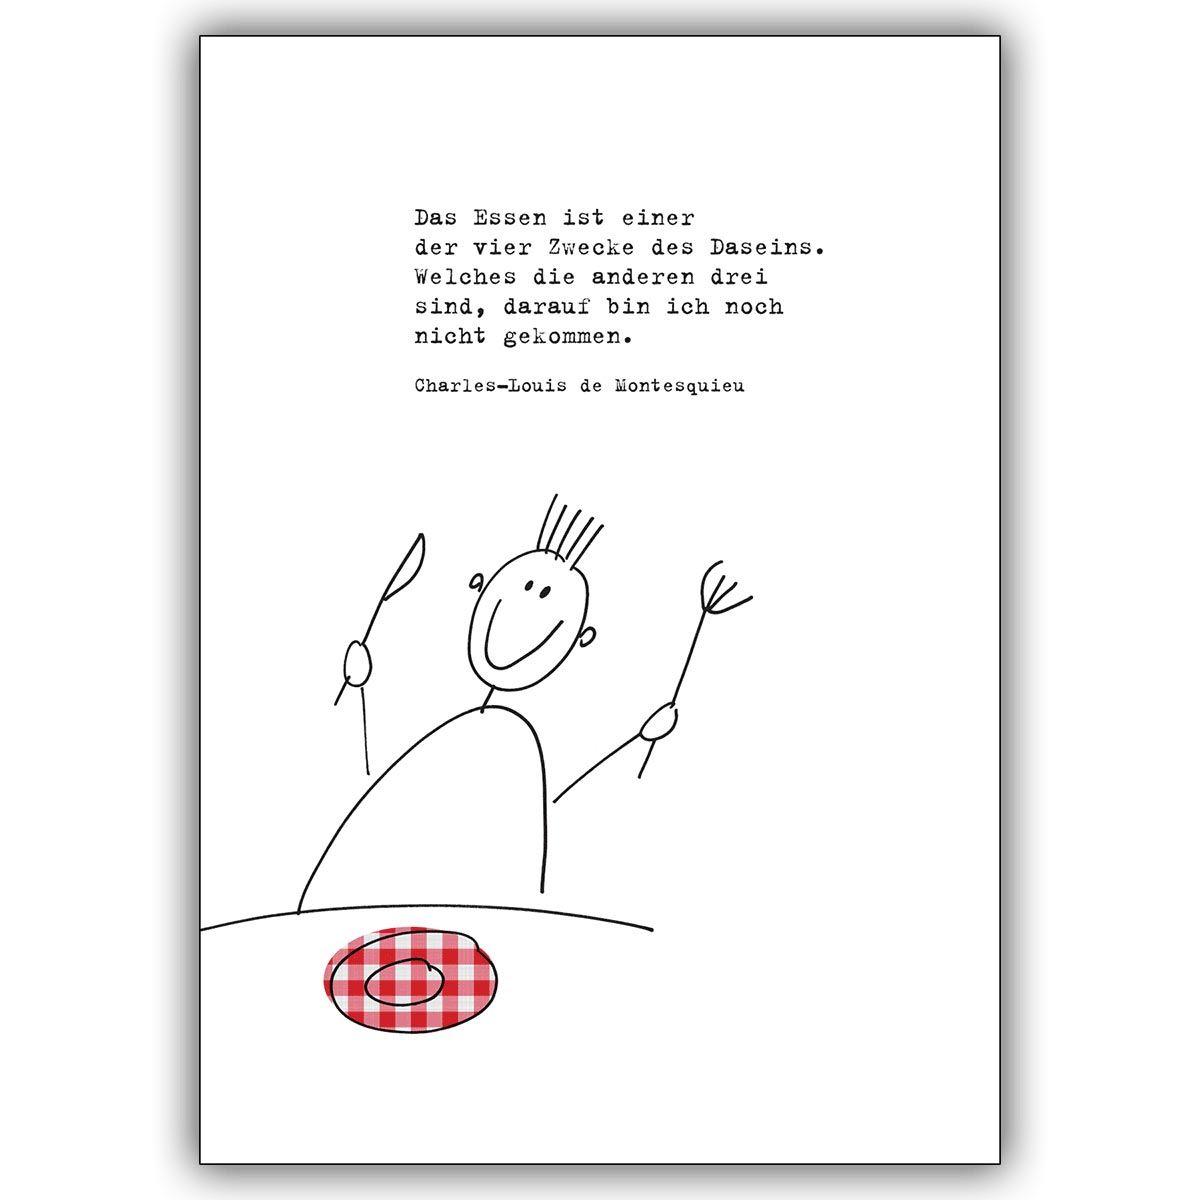 Beileidswunsche Fur Karten: Entdecken Sie Jetzt Individuelle Einladungskarten Im